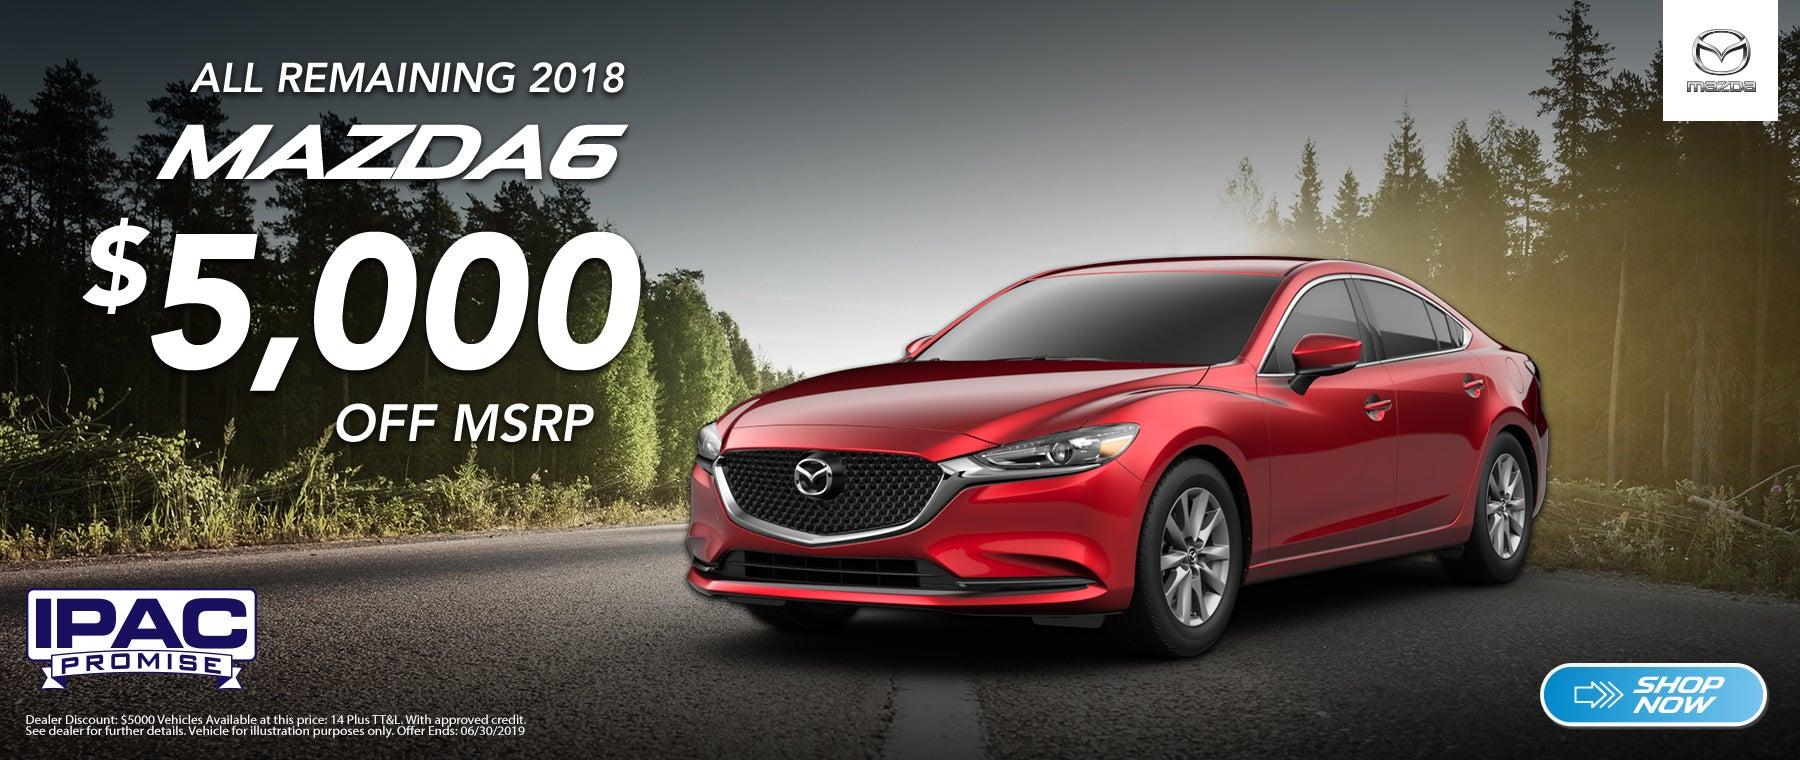 Mazda Dealership San Diego >> Ingram Park Mazda Dealership In San Antonio Ipac Mazda